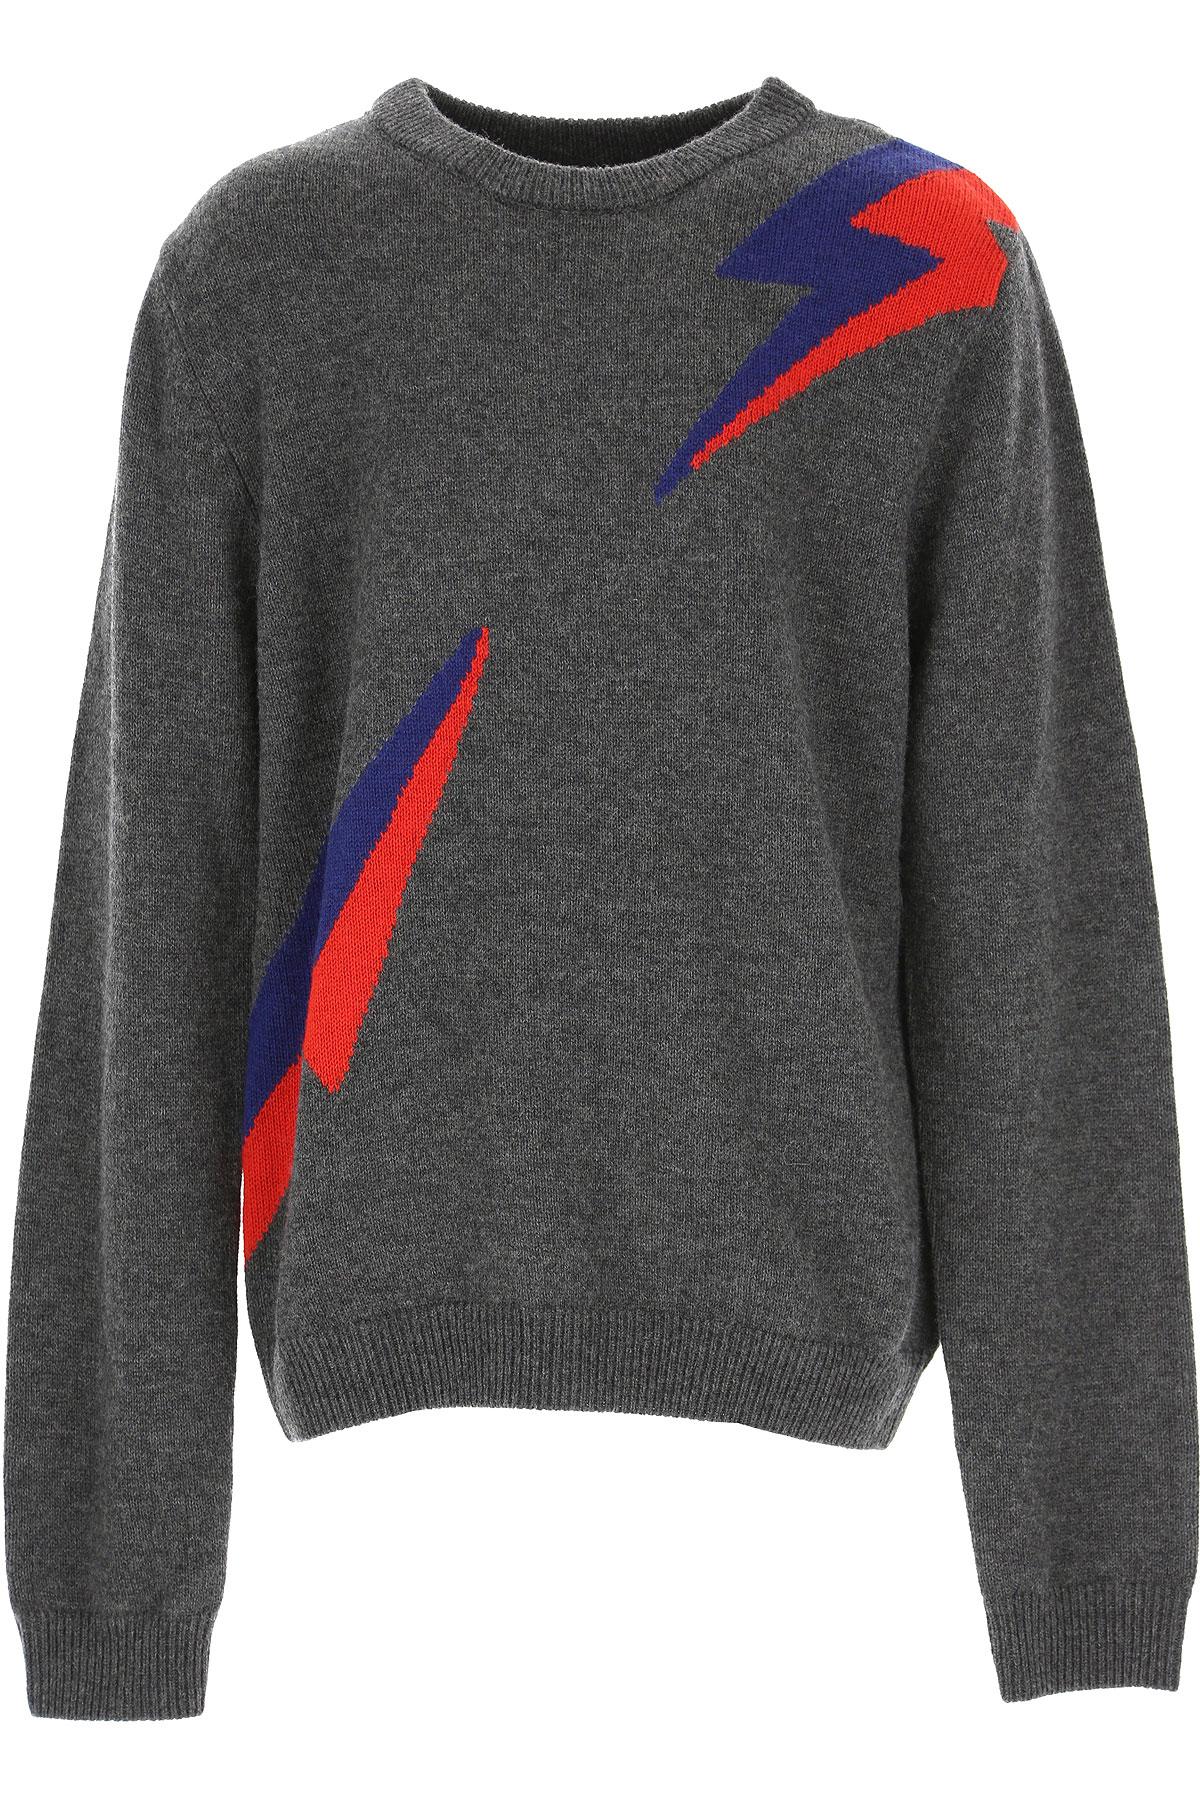 Zadig & Voltaire Kids Sweaters for Boys On Sale, Dark Grey, Wool, 2019, 10Y 12Y 14Y 16Y 8Y